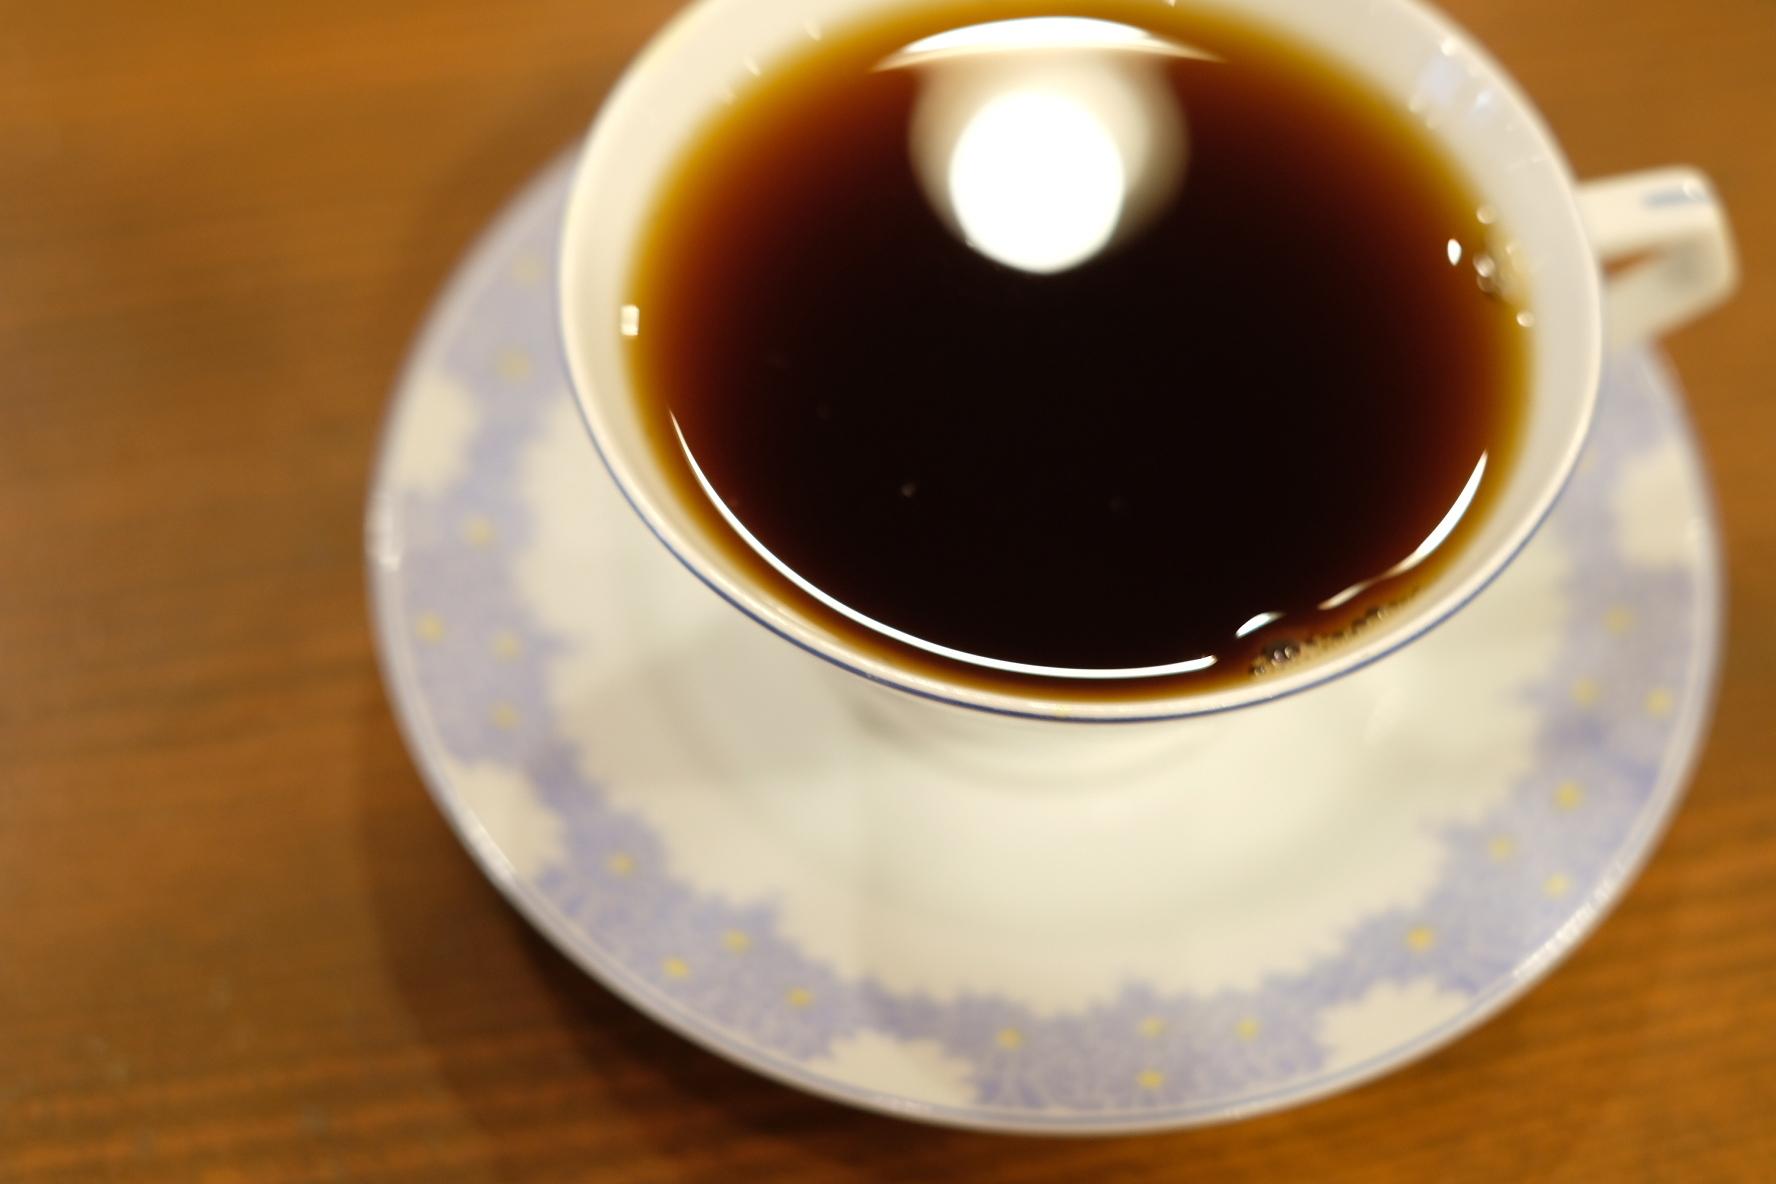 コーヒー豆定期便【毎週】ブレンド200g + シングルオリジン200g